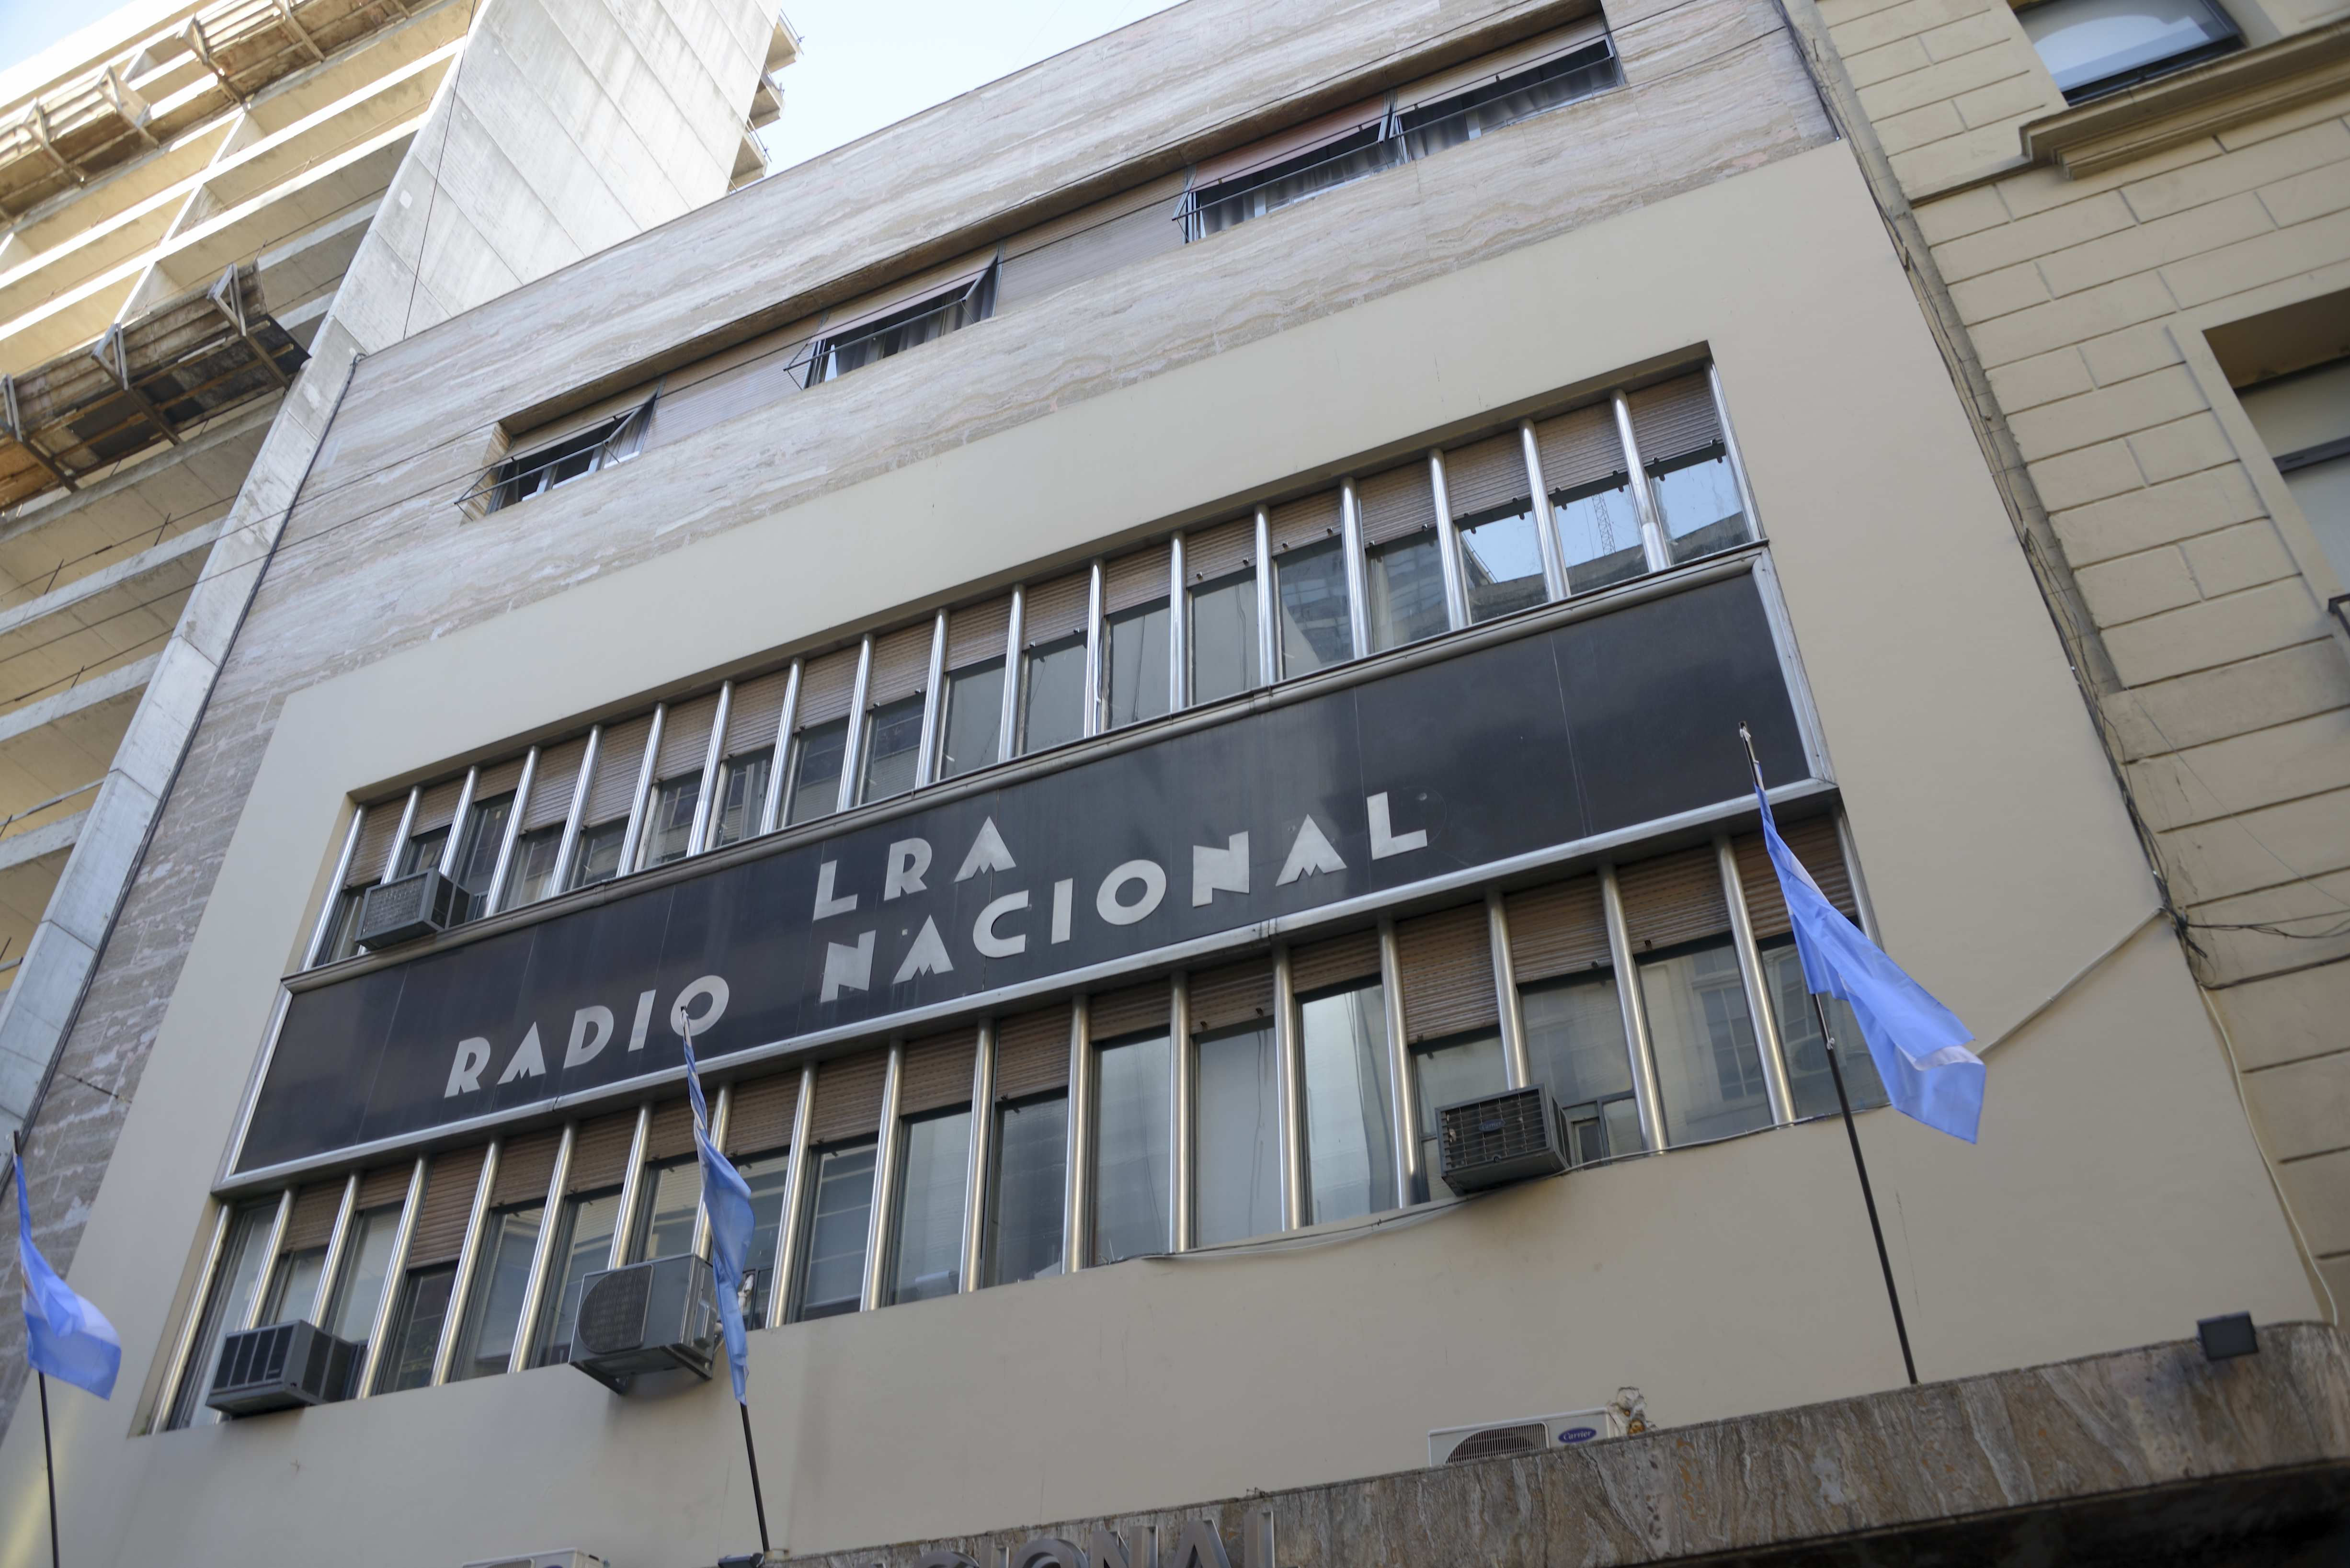 Radio_Edificio_Radio_Nacional